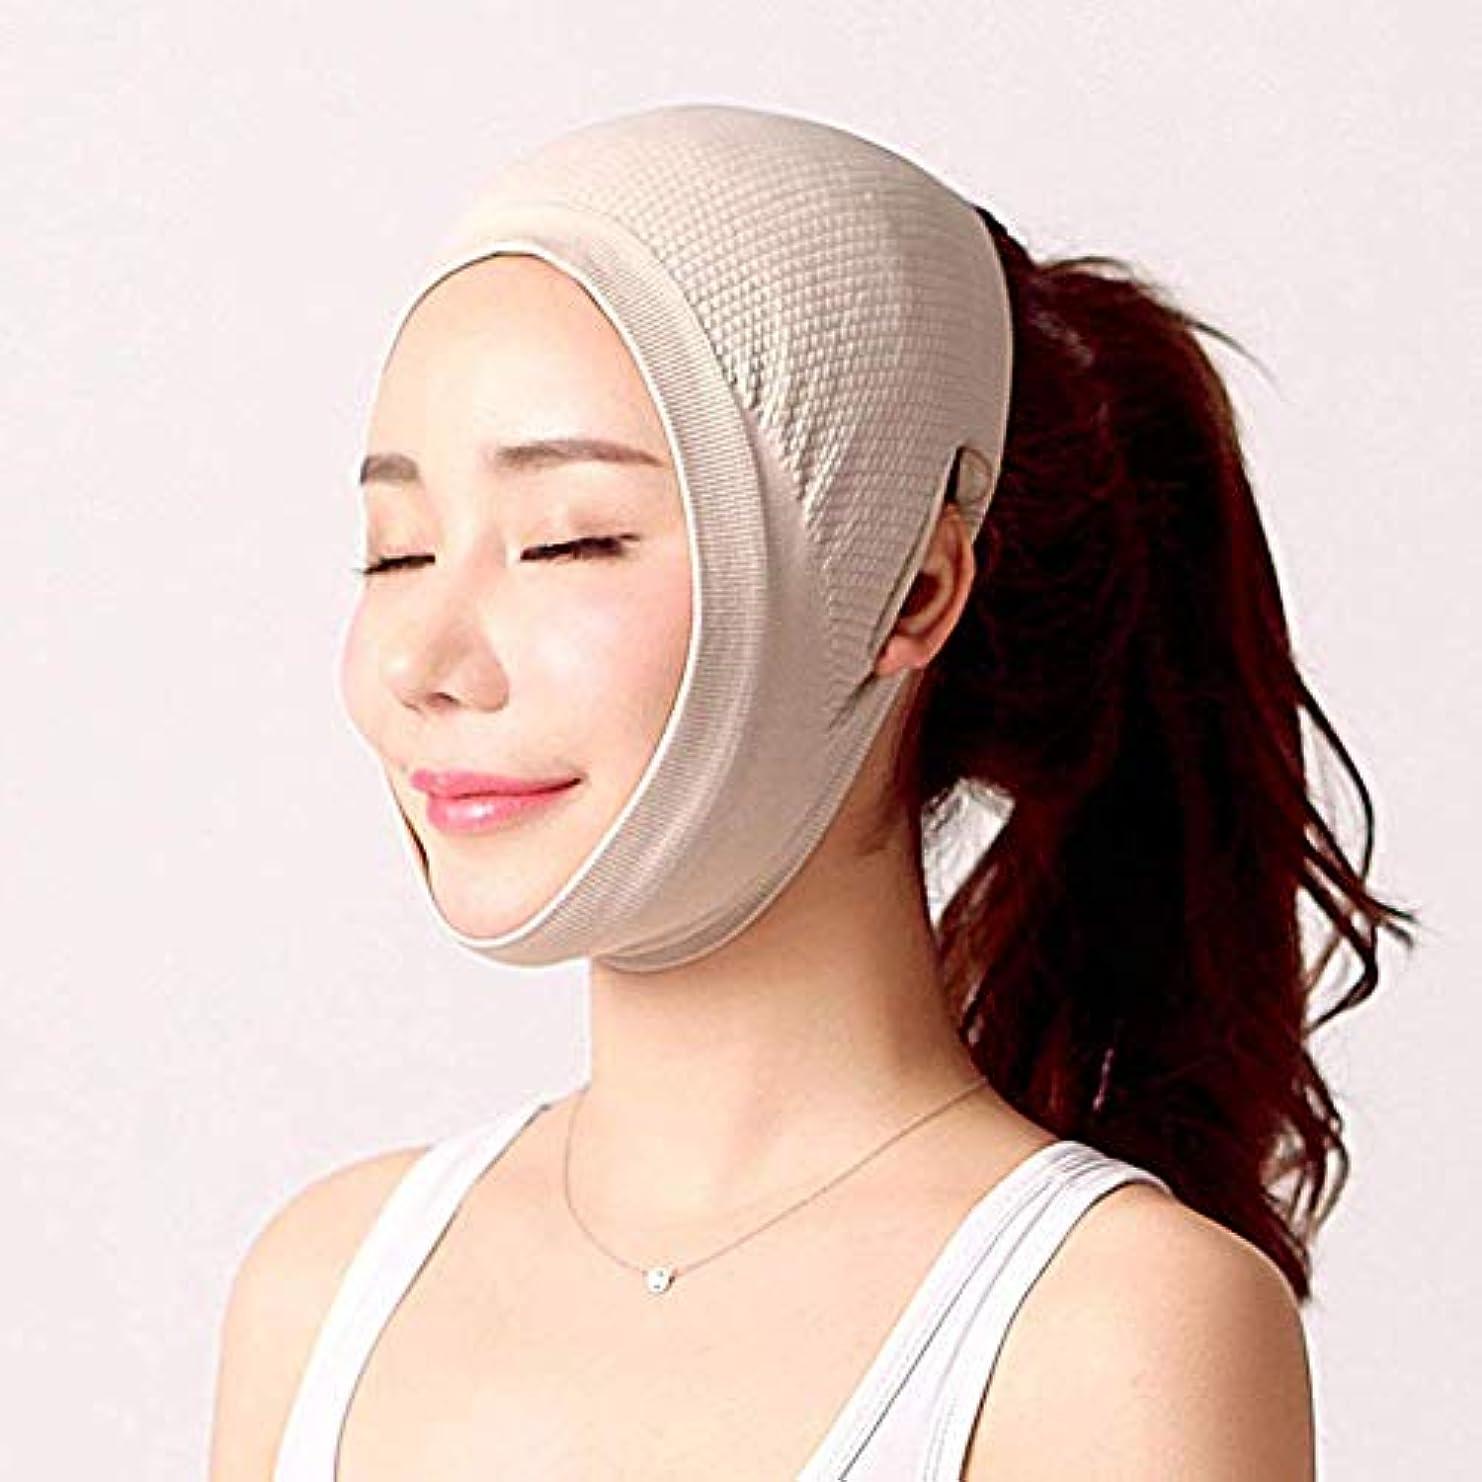 差別化するはちみつ複雑フェイスリフトマスク、Vリフトフェイスフェイスリフト包帯痩身あご頬マスク顔/Vフェイスラインフルフェイス痩身/二重あご通気性